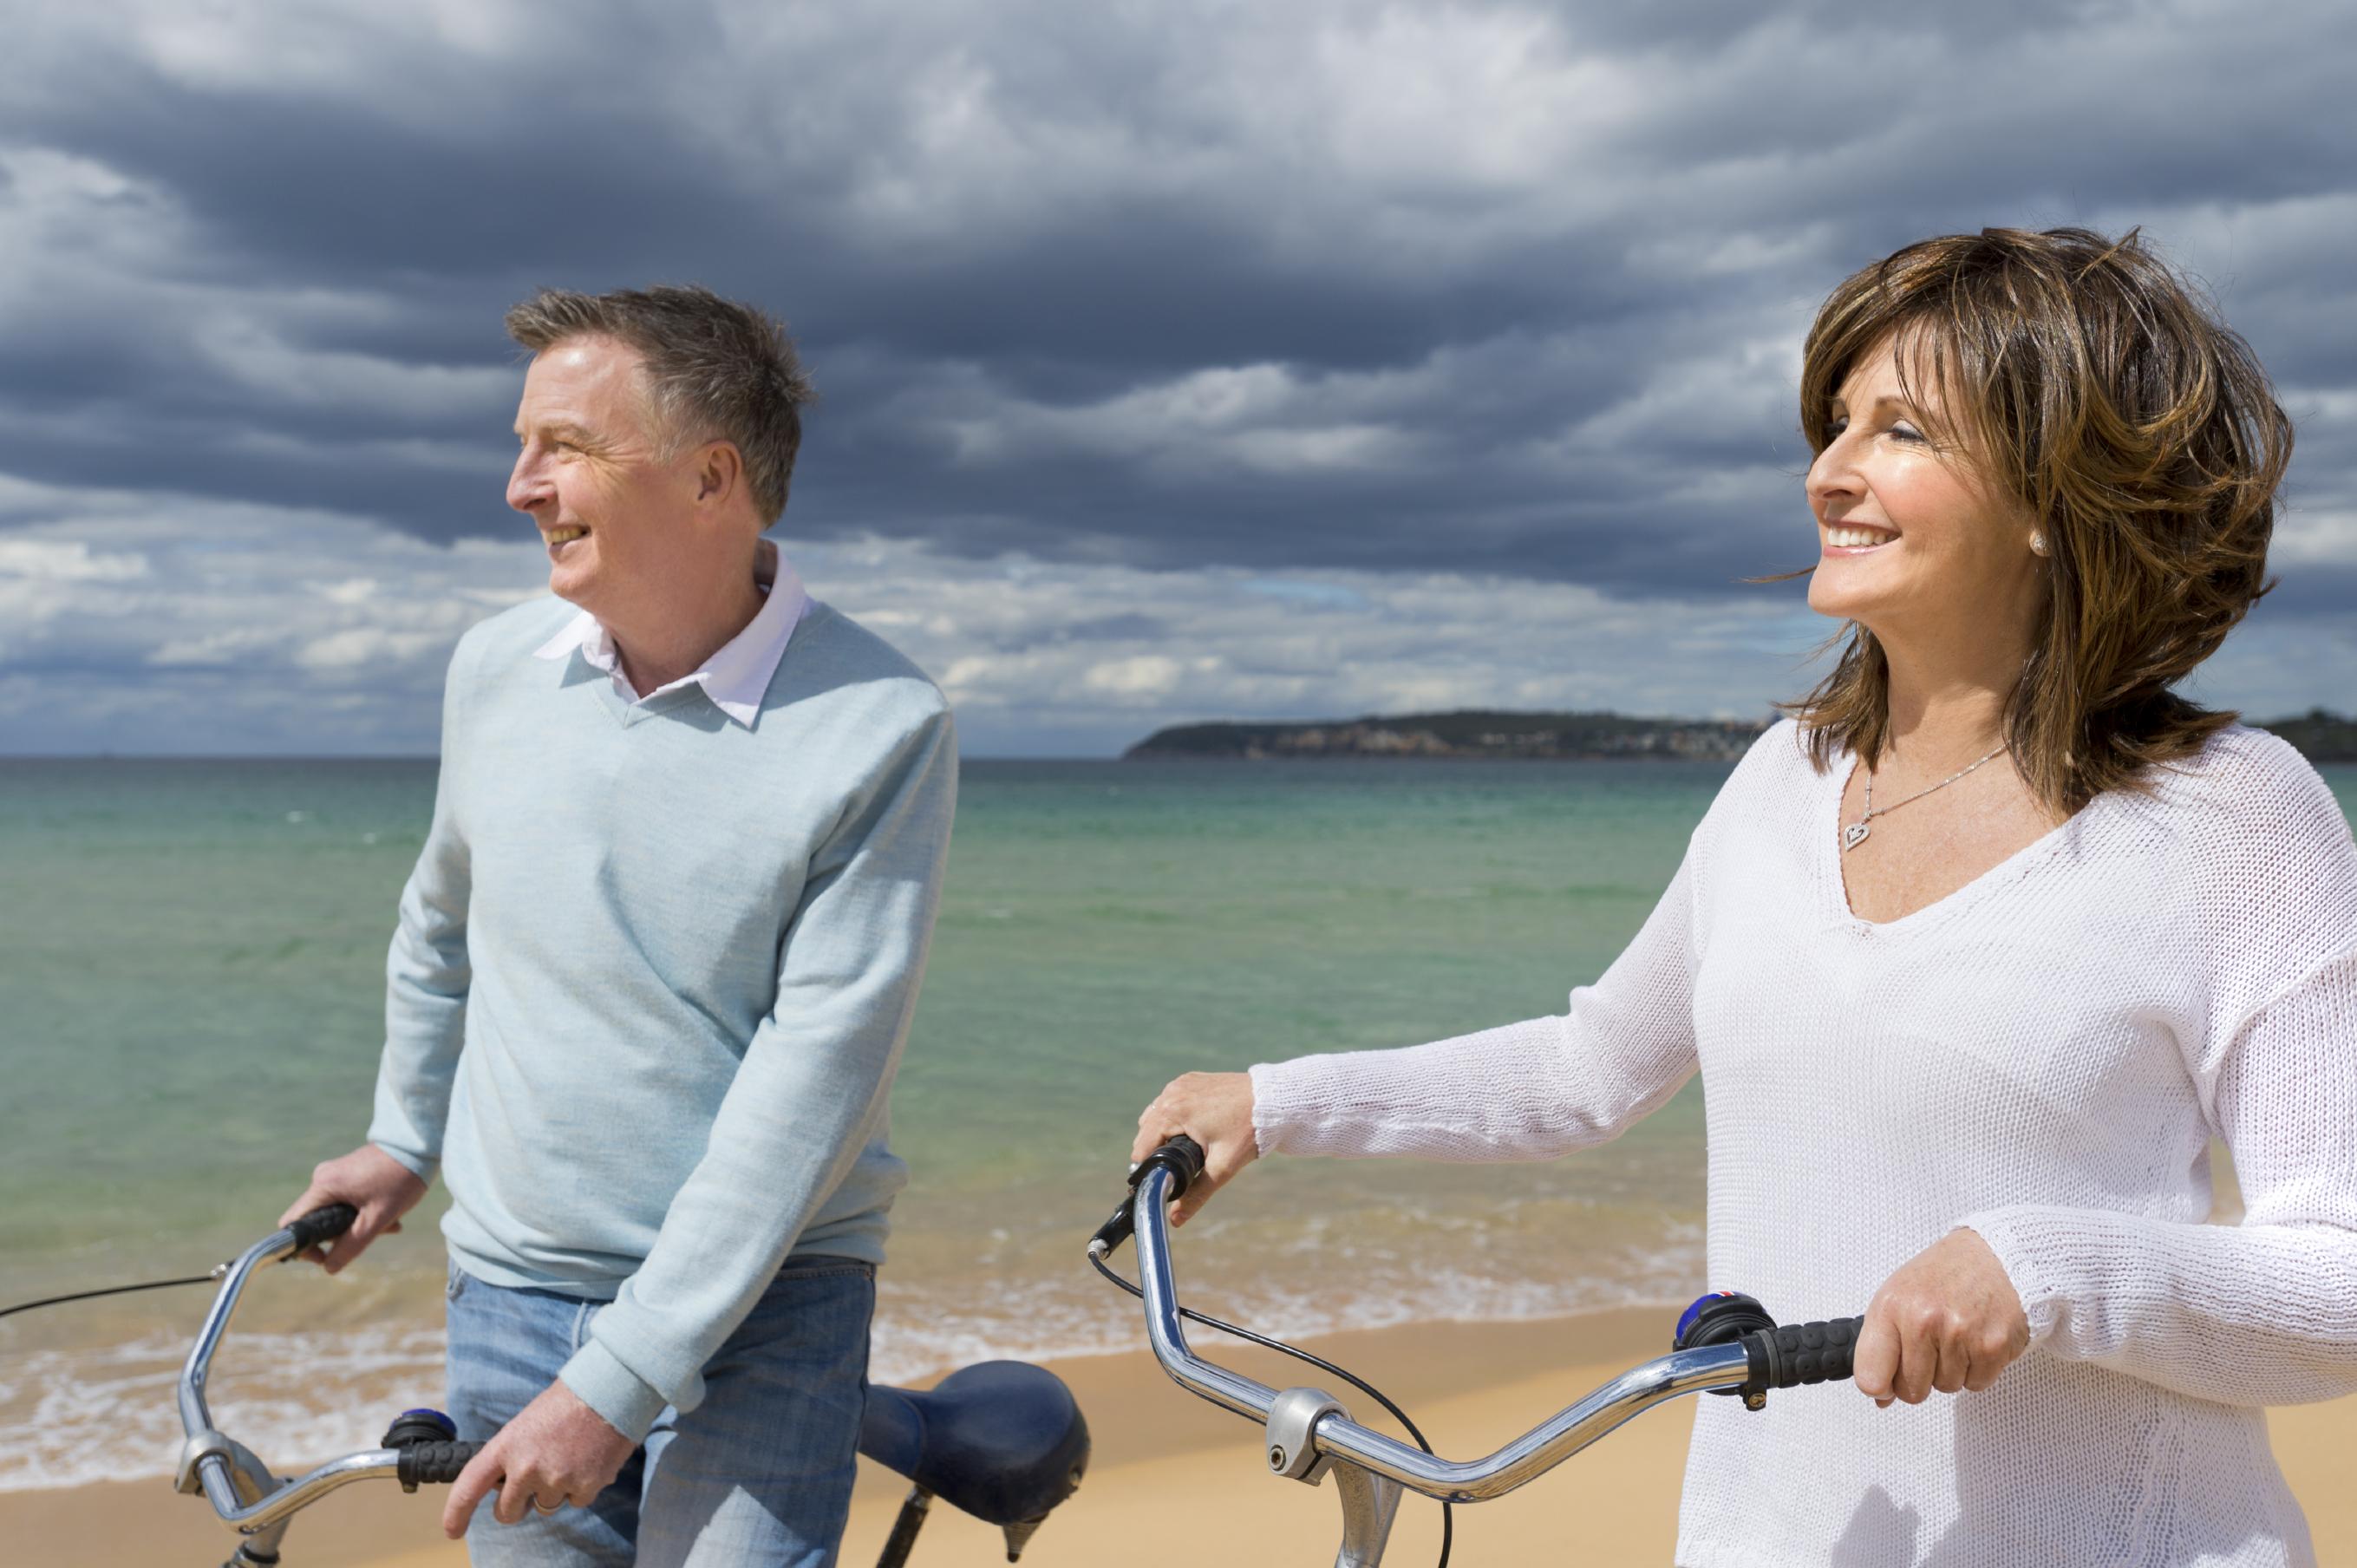 Mediterranean diet boosts endurance exercise within days ...